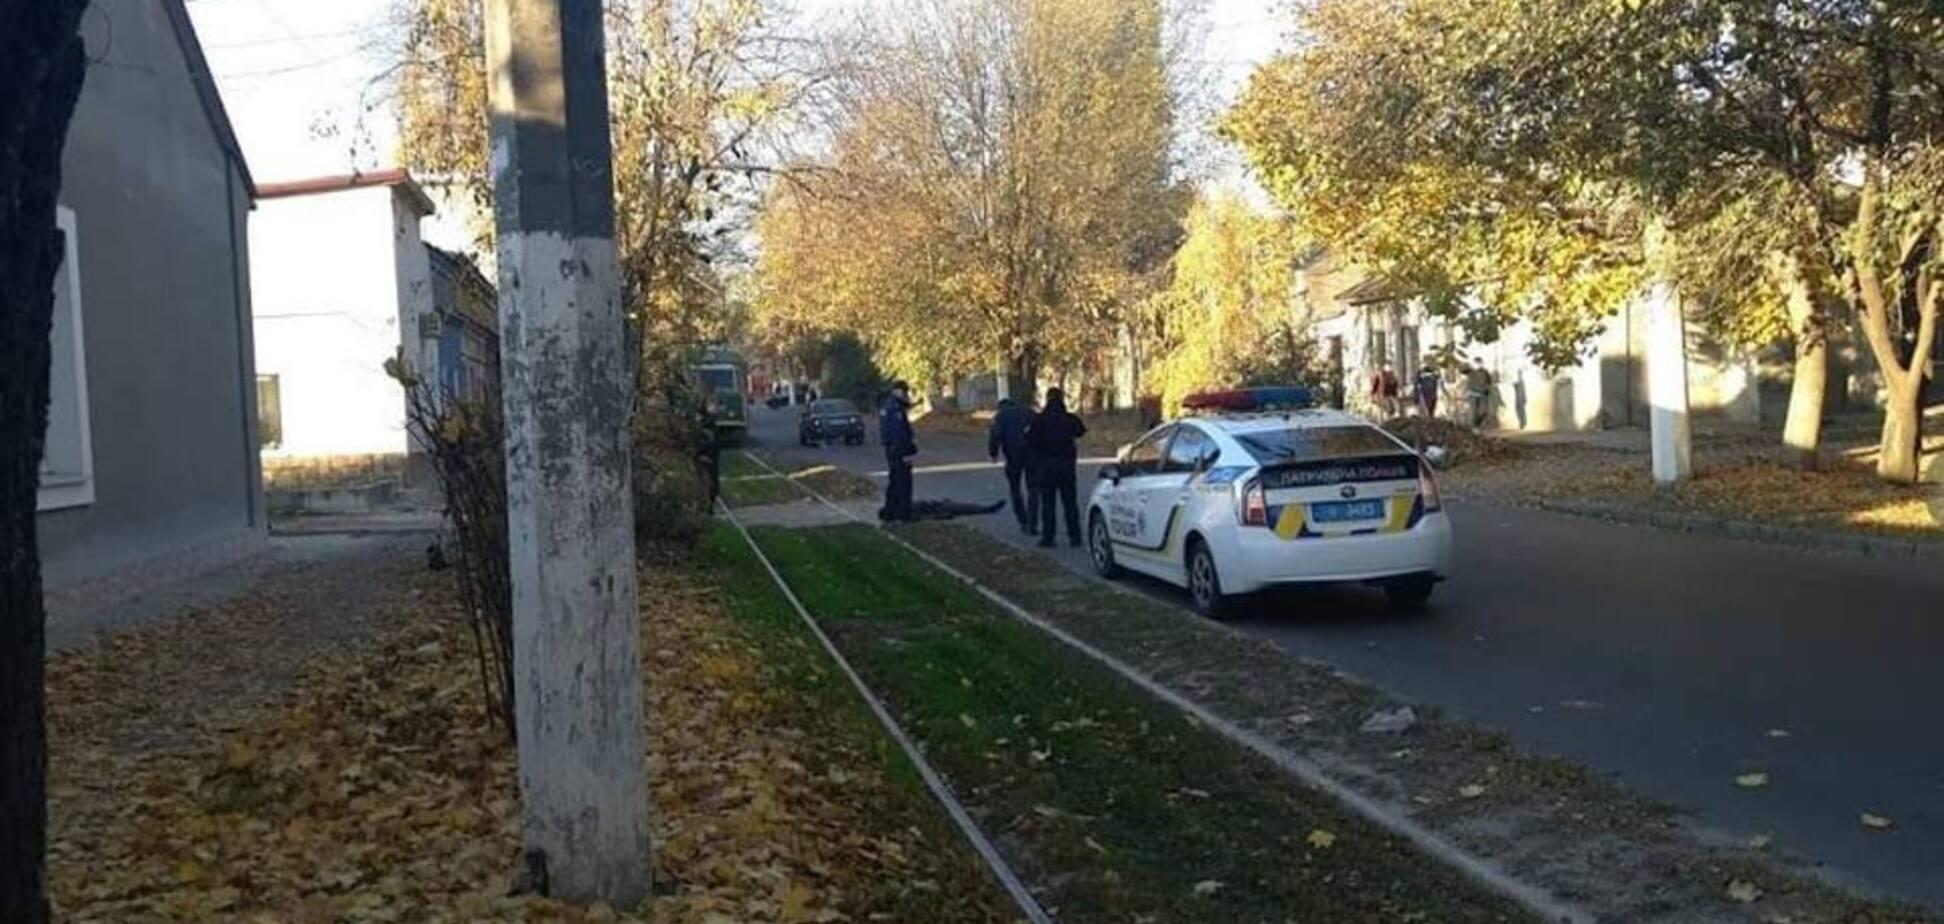 Кинувся на поліцію із сокирою: в Одесі застрелили підозрюваного у вбивстві